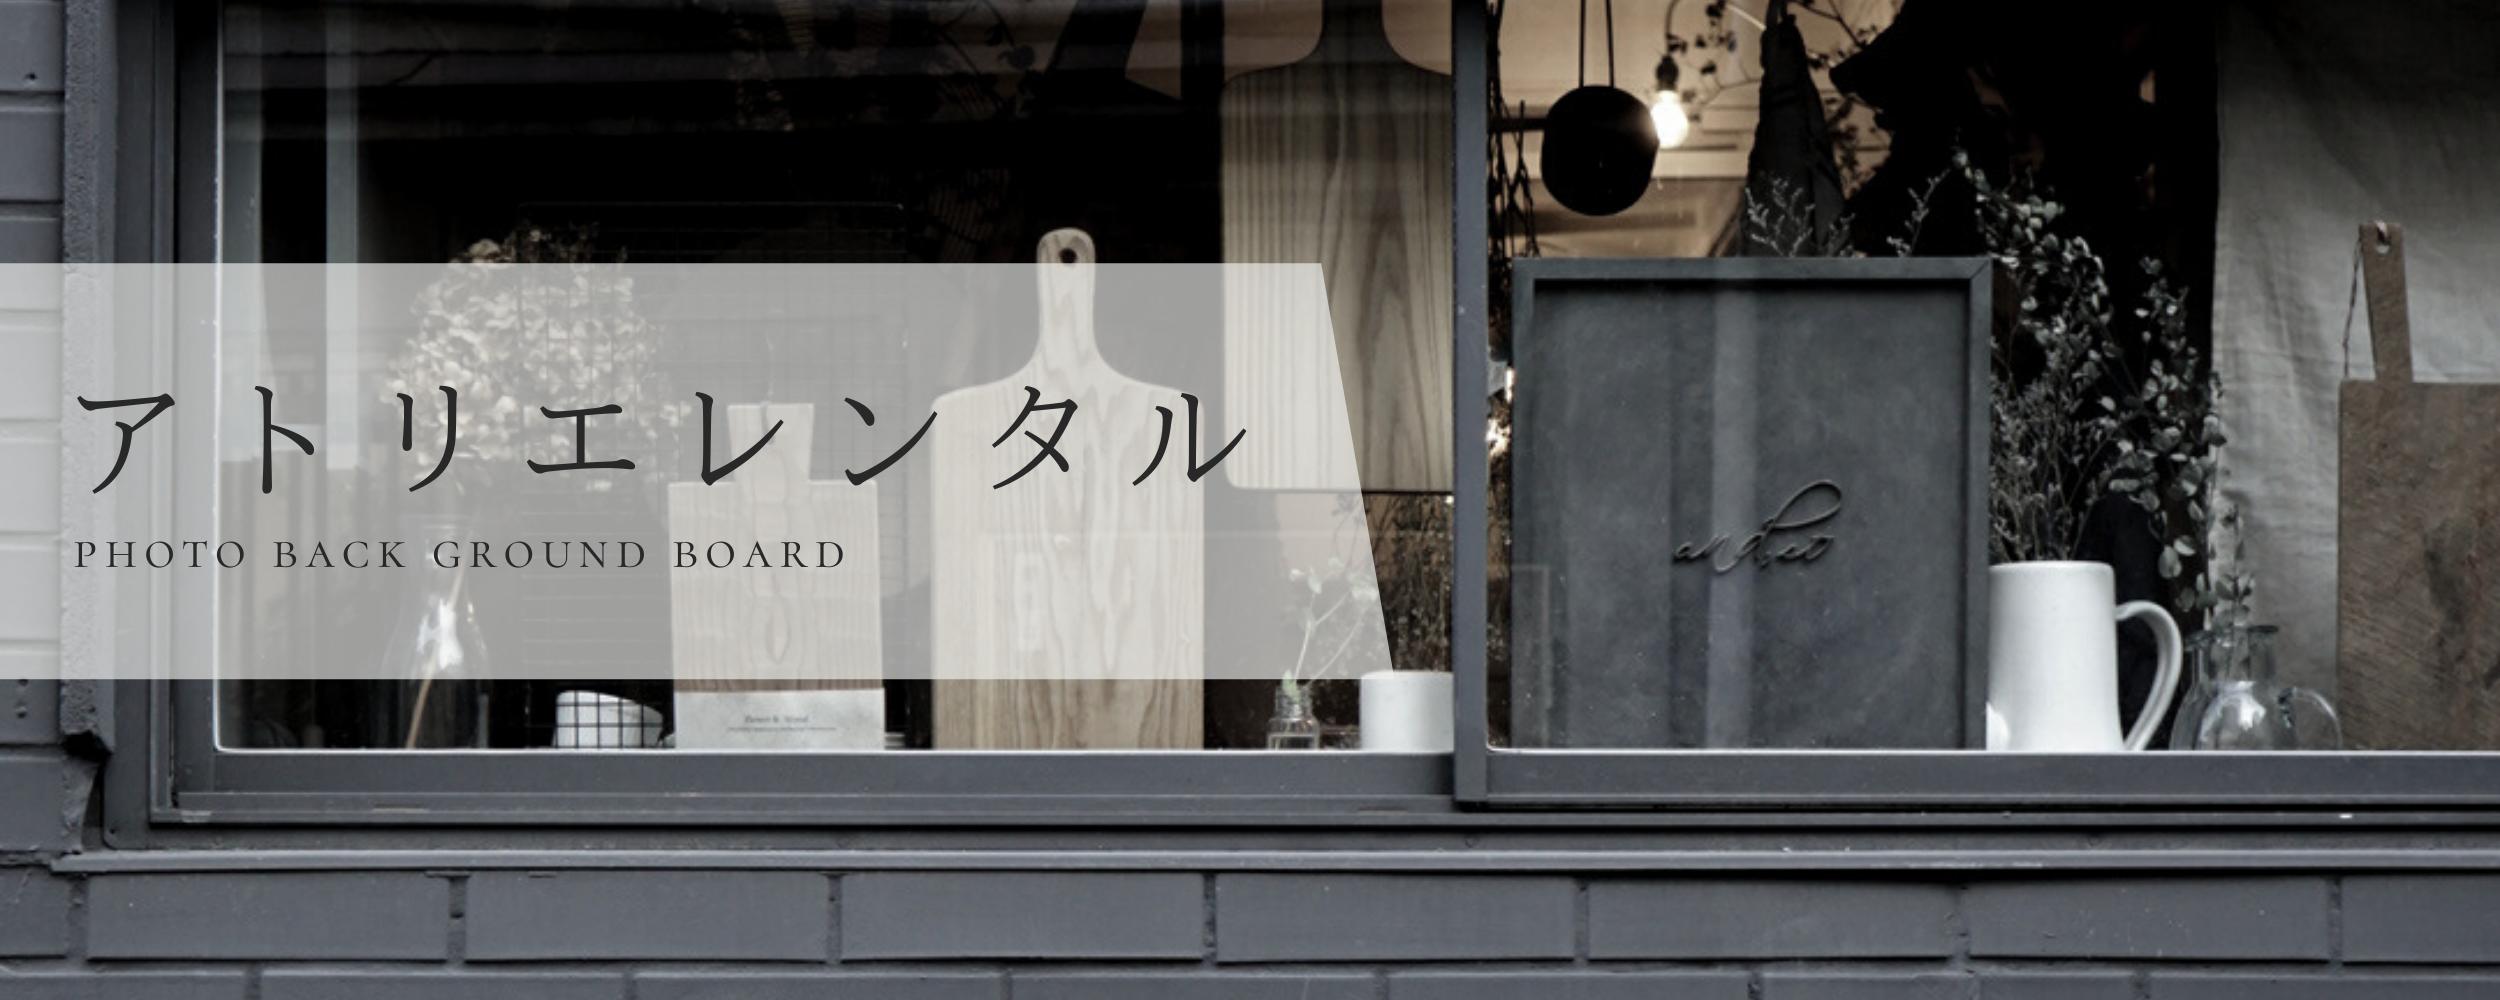 アトリエレンタル写真撮影プラン大阪レンタルスペース